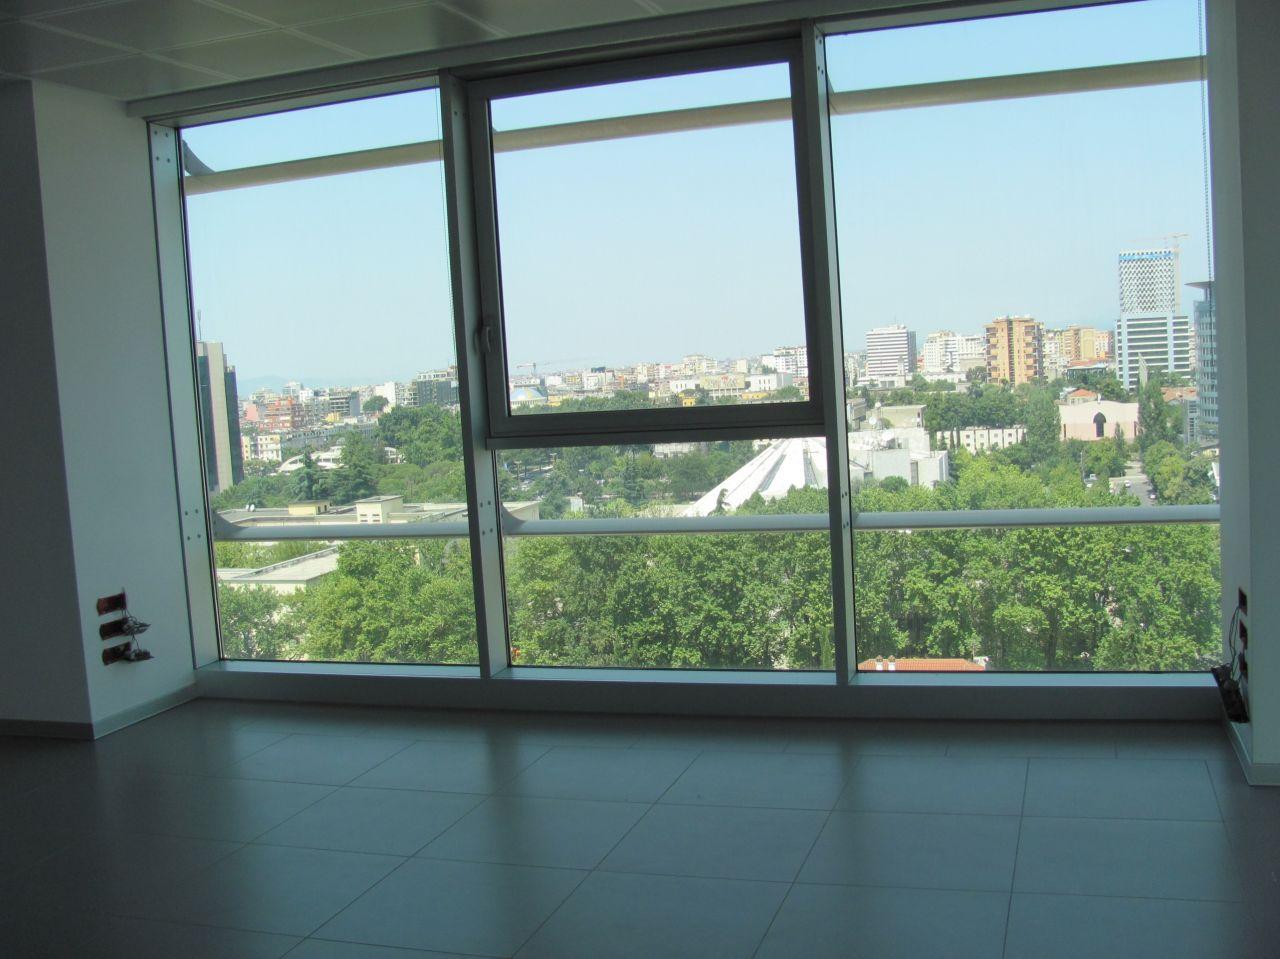 Ufficio in affitto a Tirana in una zona prestigiosa.